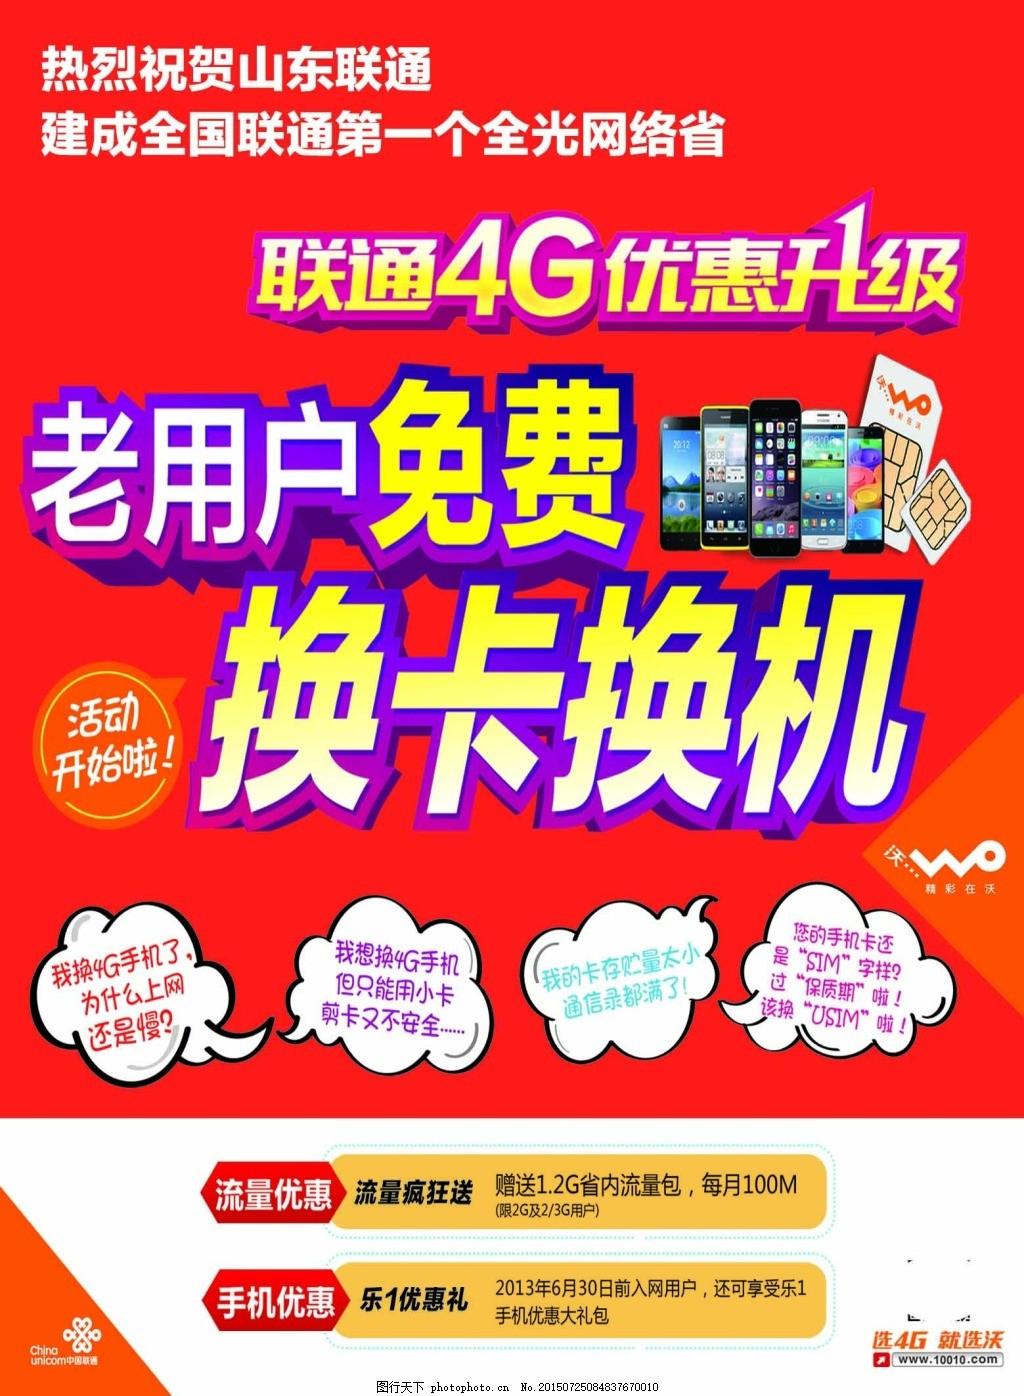 中国联通,狂欢节,手机节,4G,苹果,三星,psd